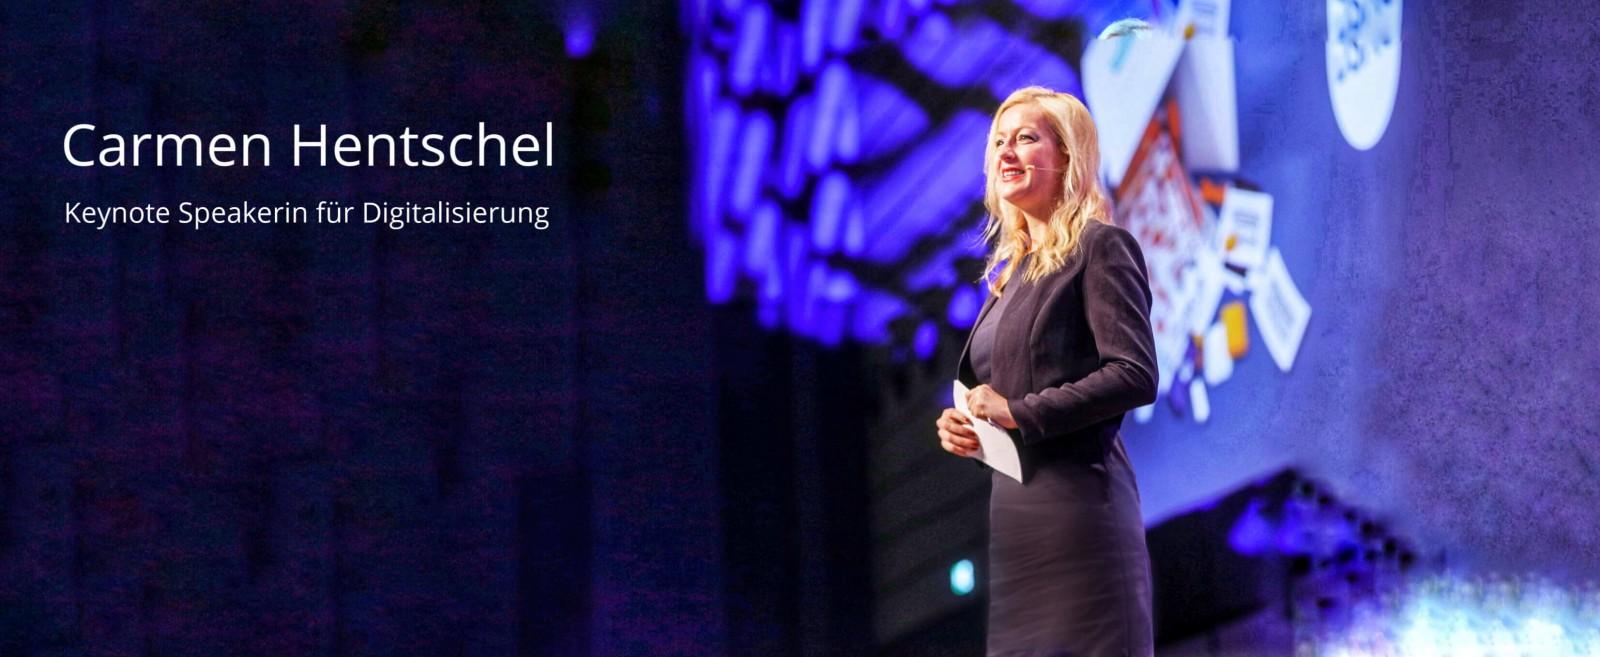 Keynote Speakerin mit dem Vortrag Digitalisierung, Digital Mindset und Zukunft Carmen Hentschel